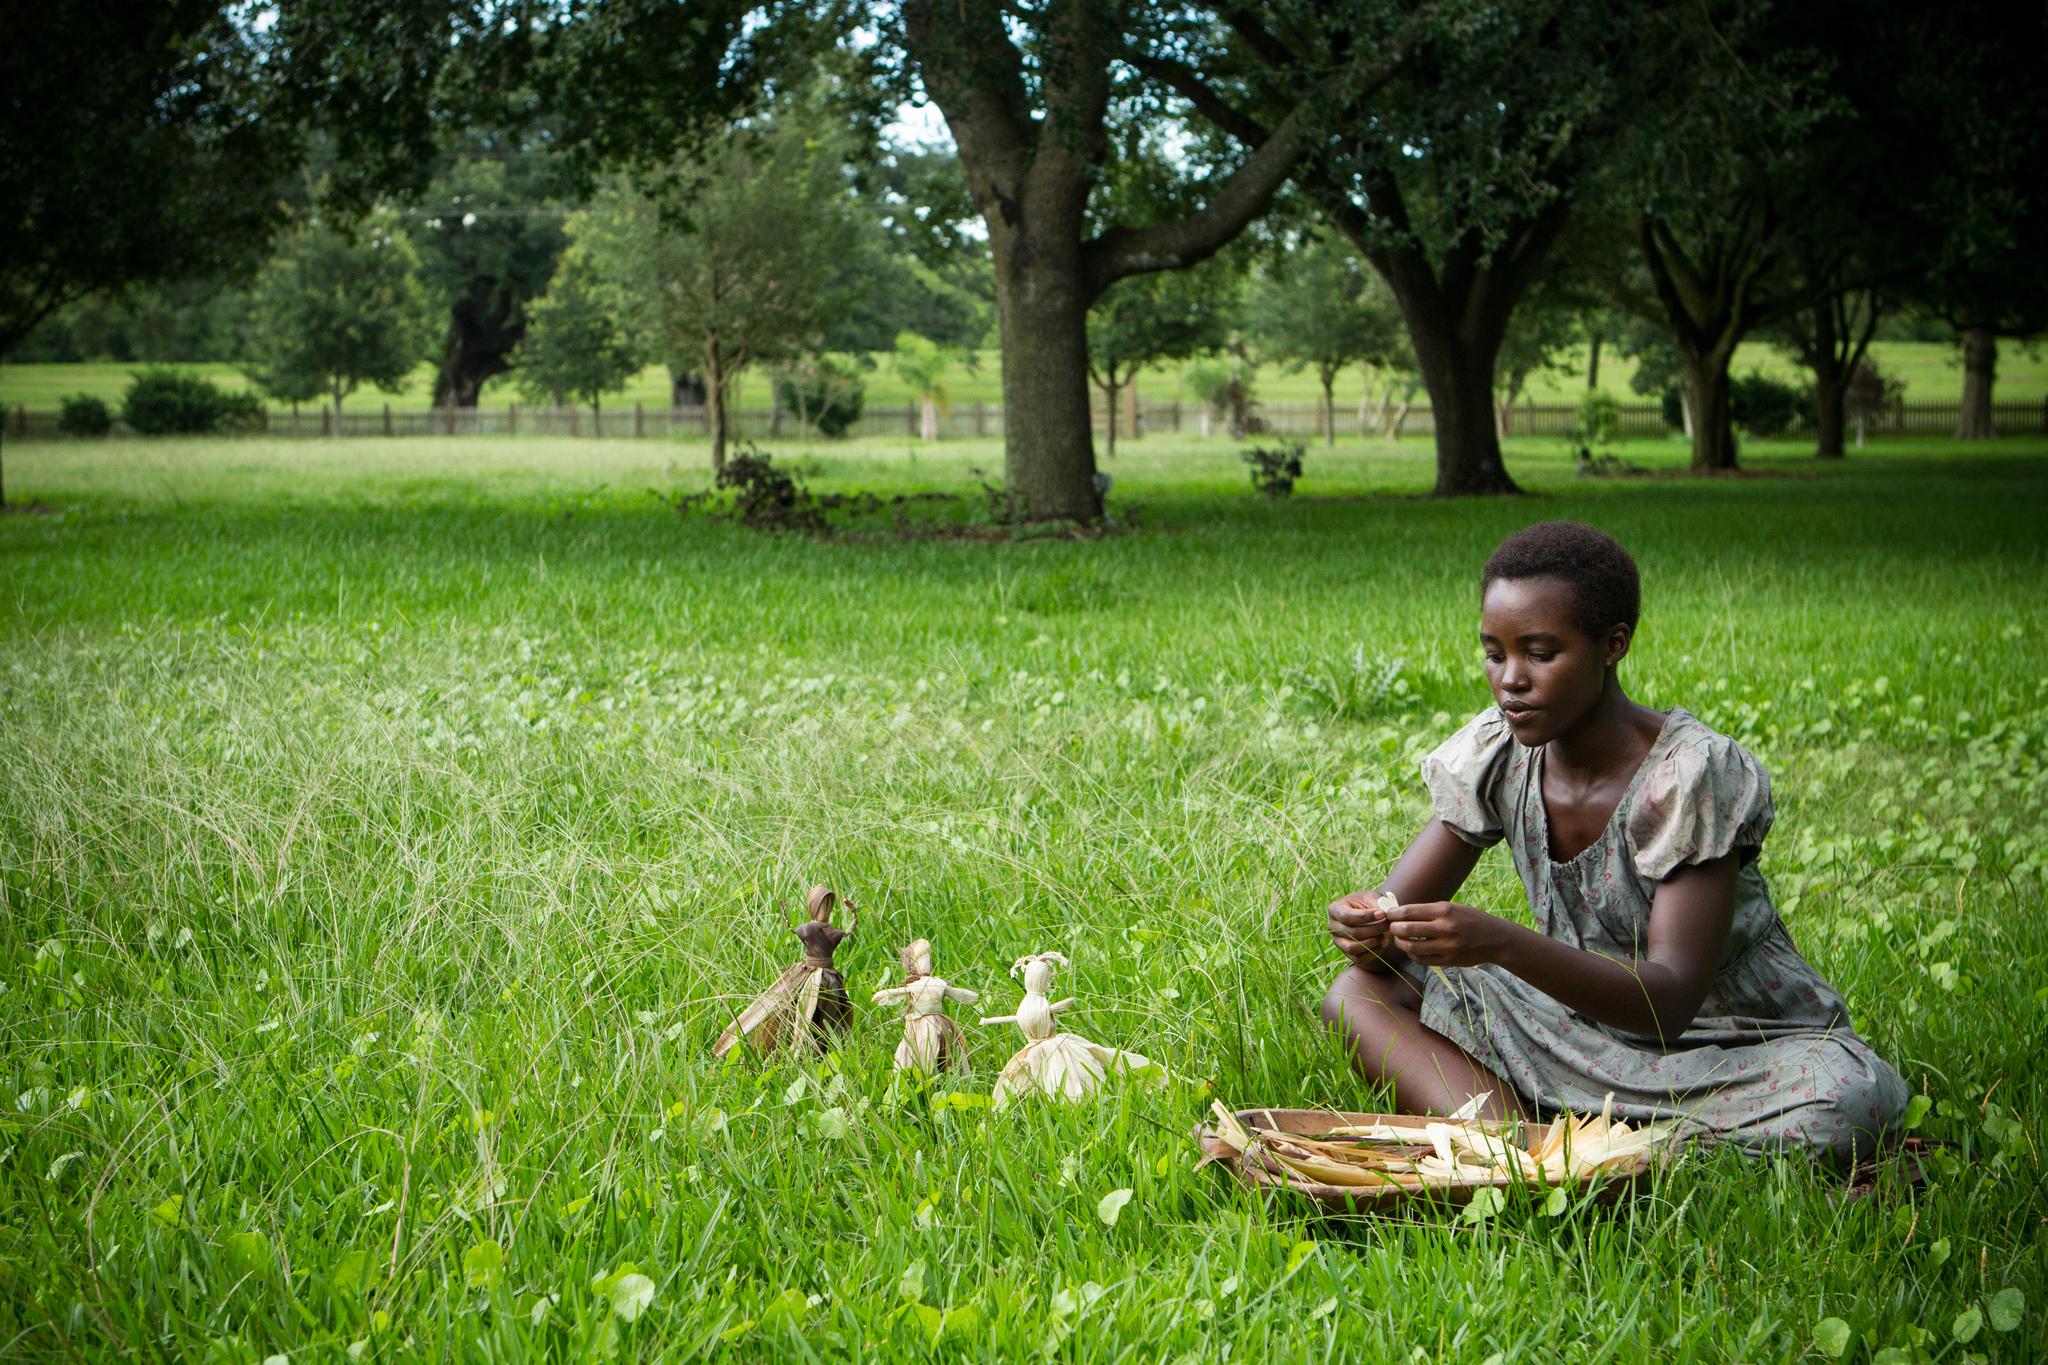 Lupita Nyong'o in 12 Years a Slave (2013)